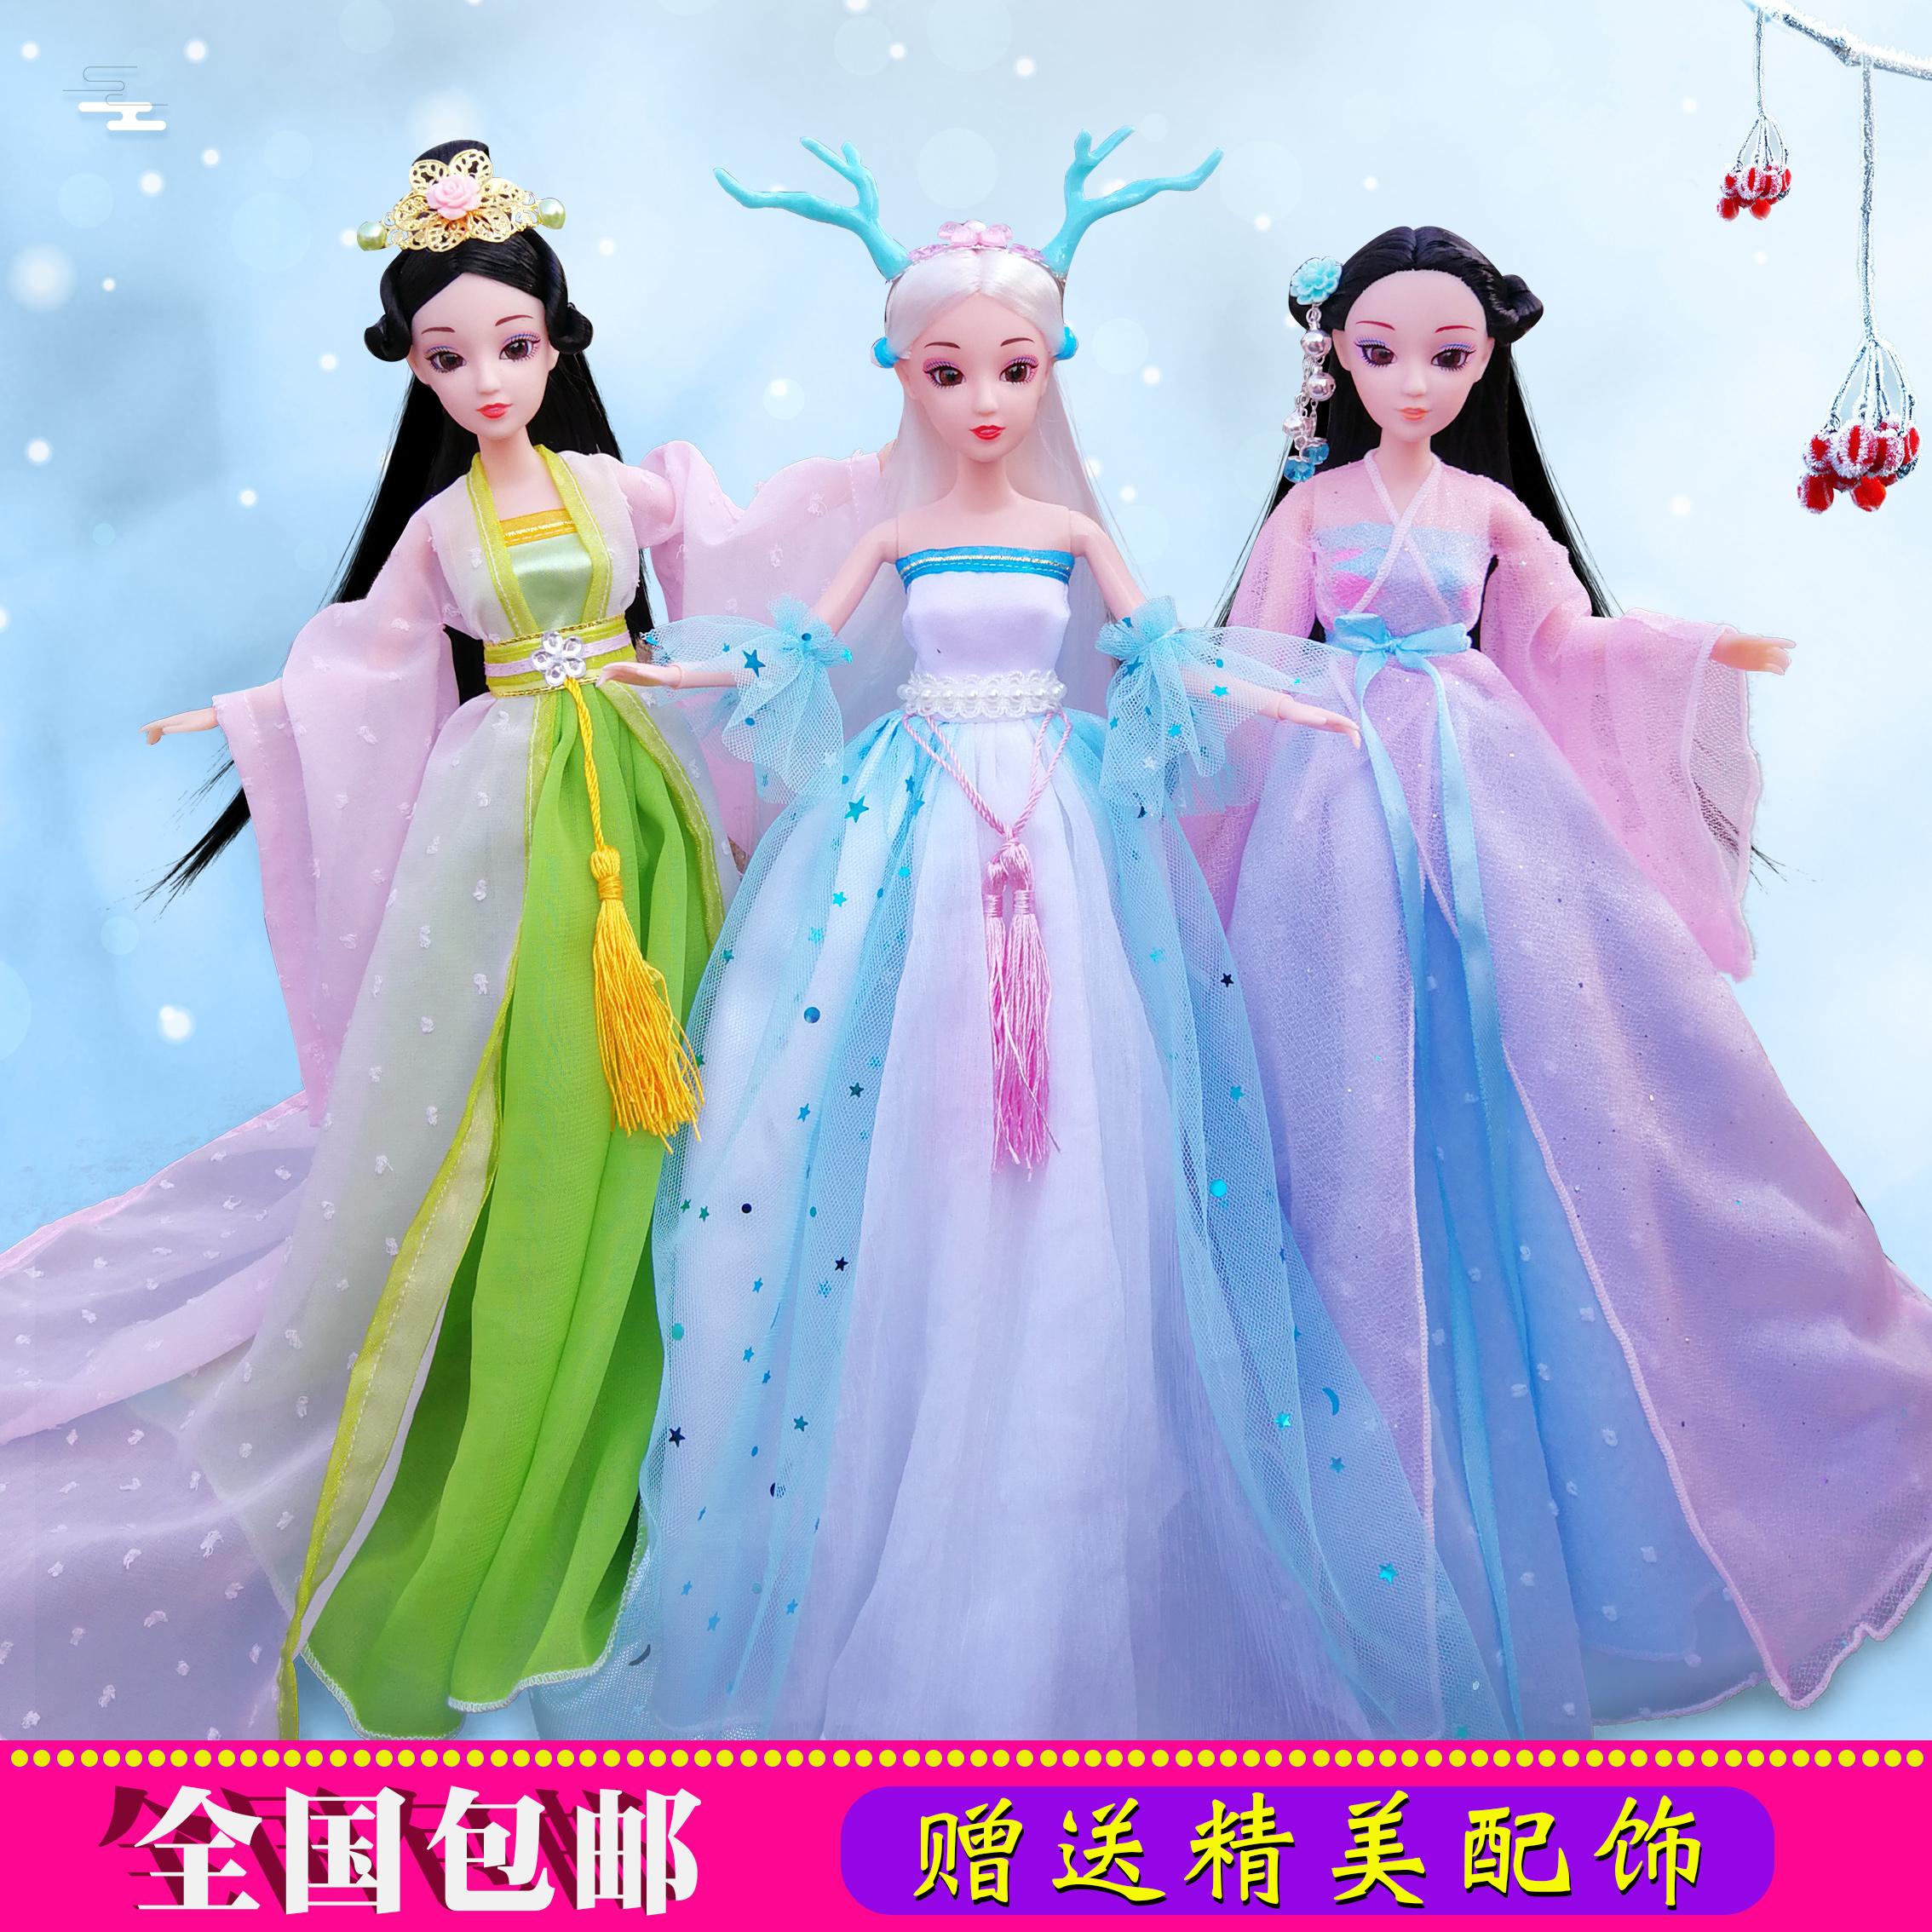 古装娃娃3D真眼宫廷白浅古装衣服女孩过家家玩具婚纱礼盒生日礼物